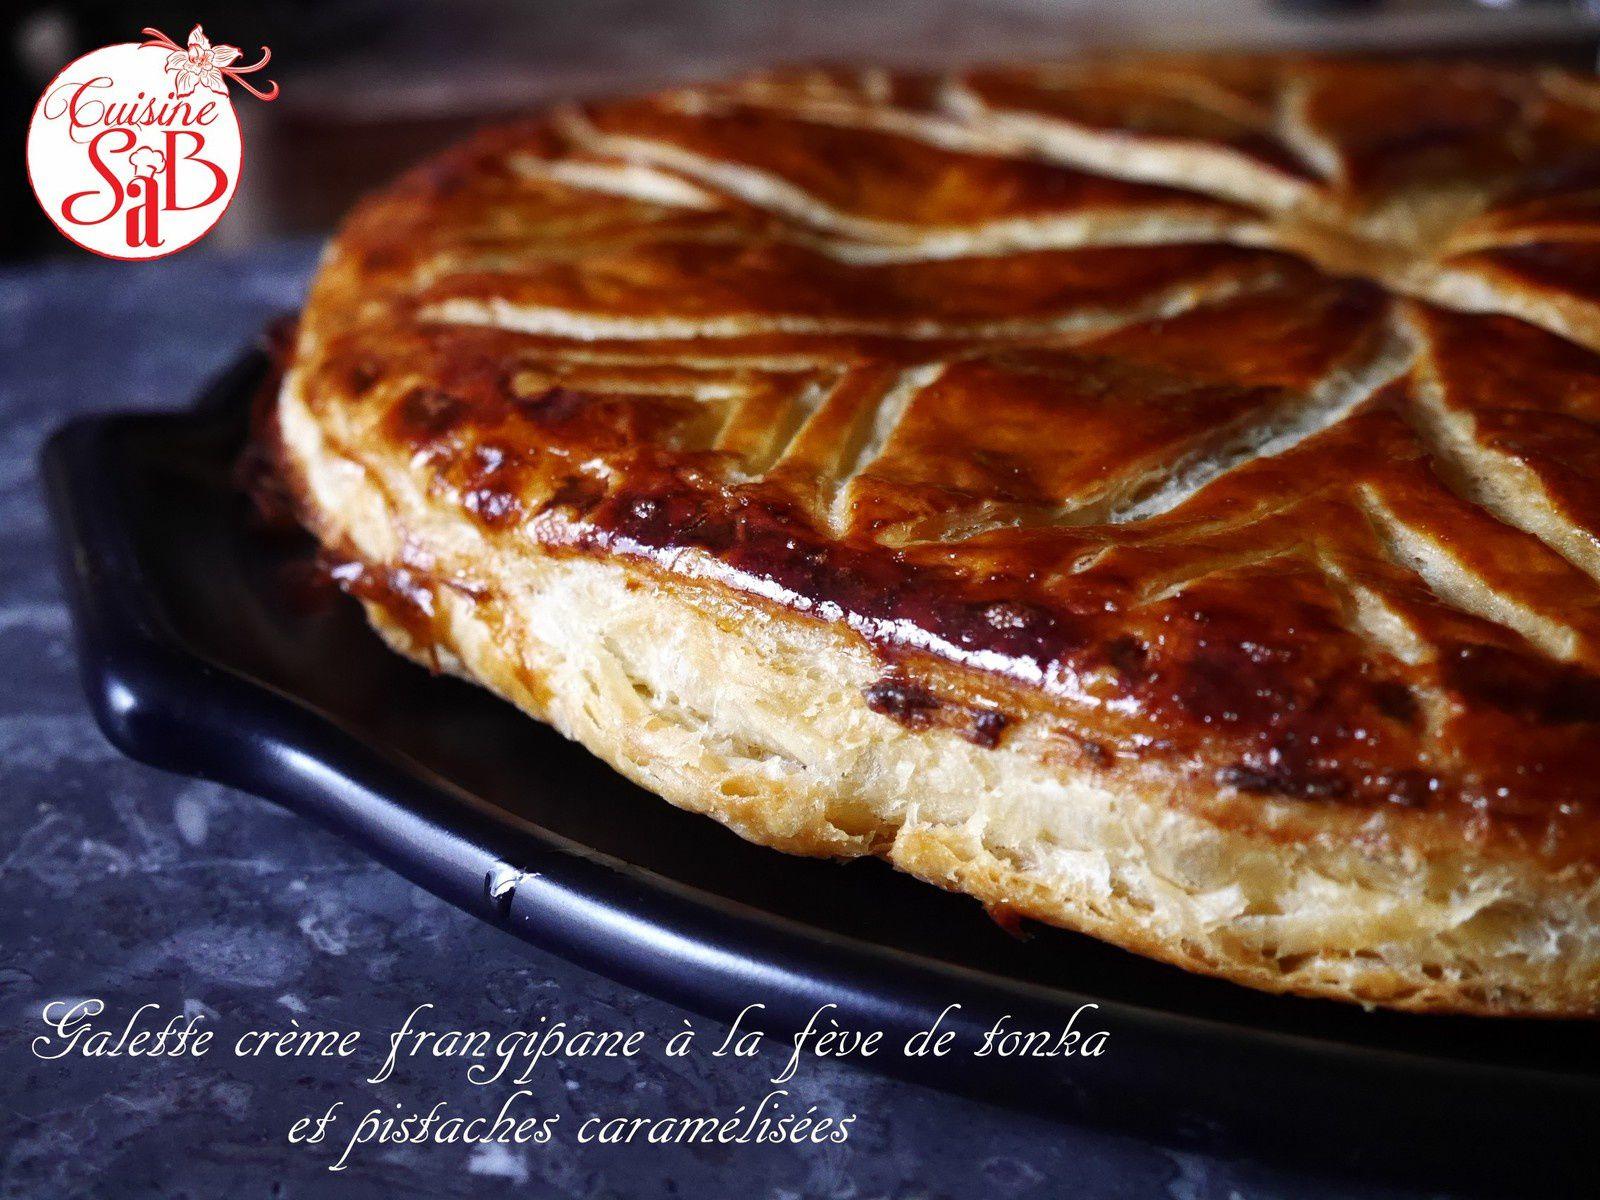 Galette crème frangipane à la fève de tonka et pistaches caramélisées